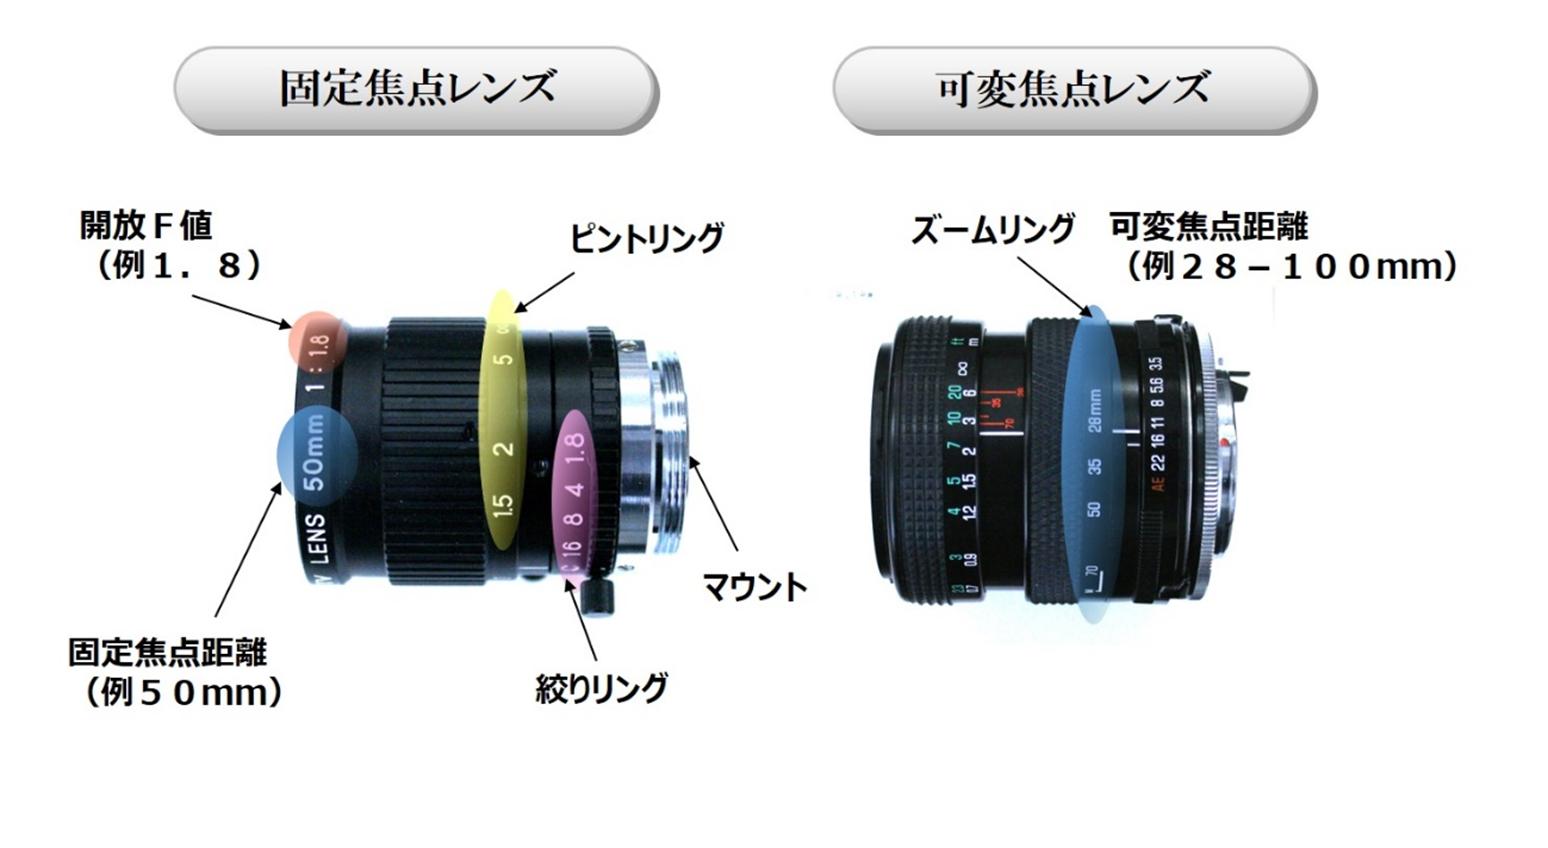 固定焦点レンズと可変焦点レンズ